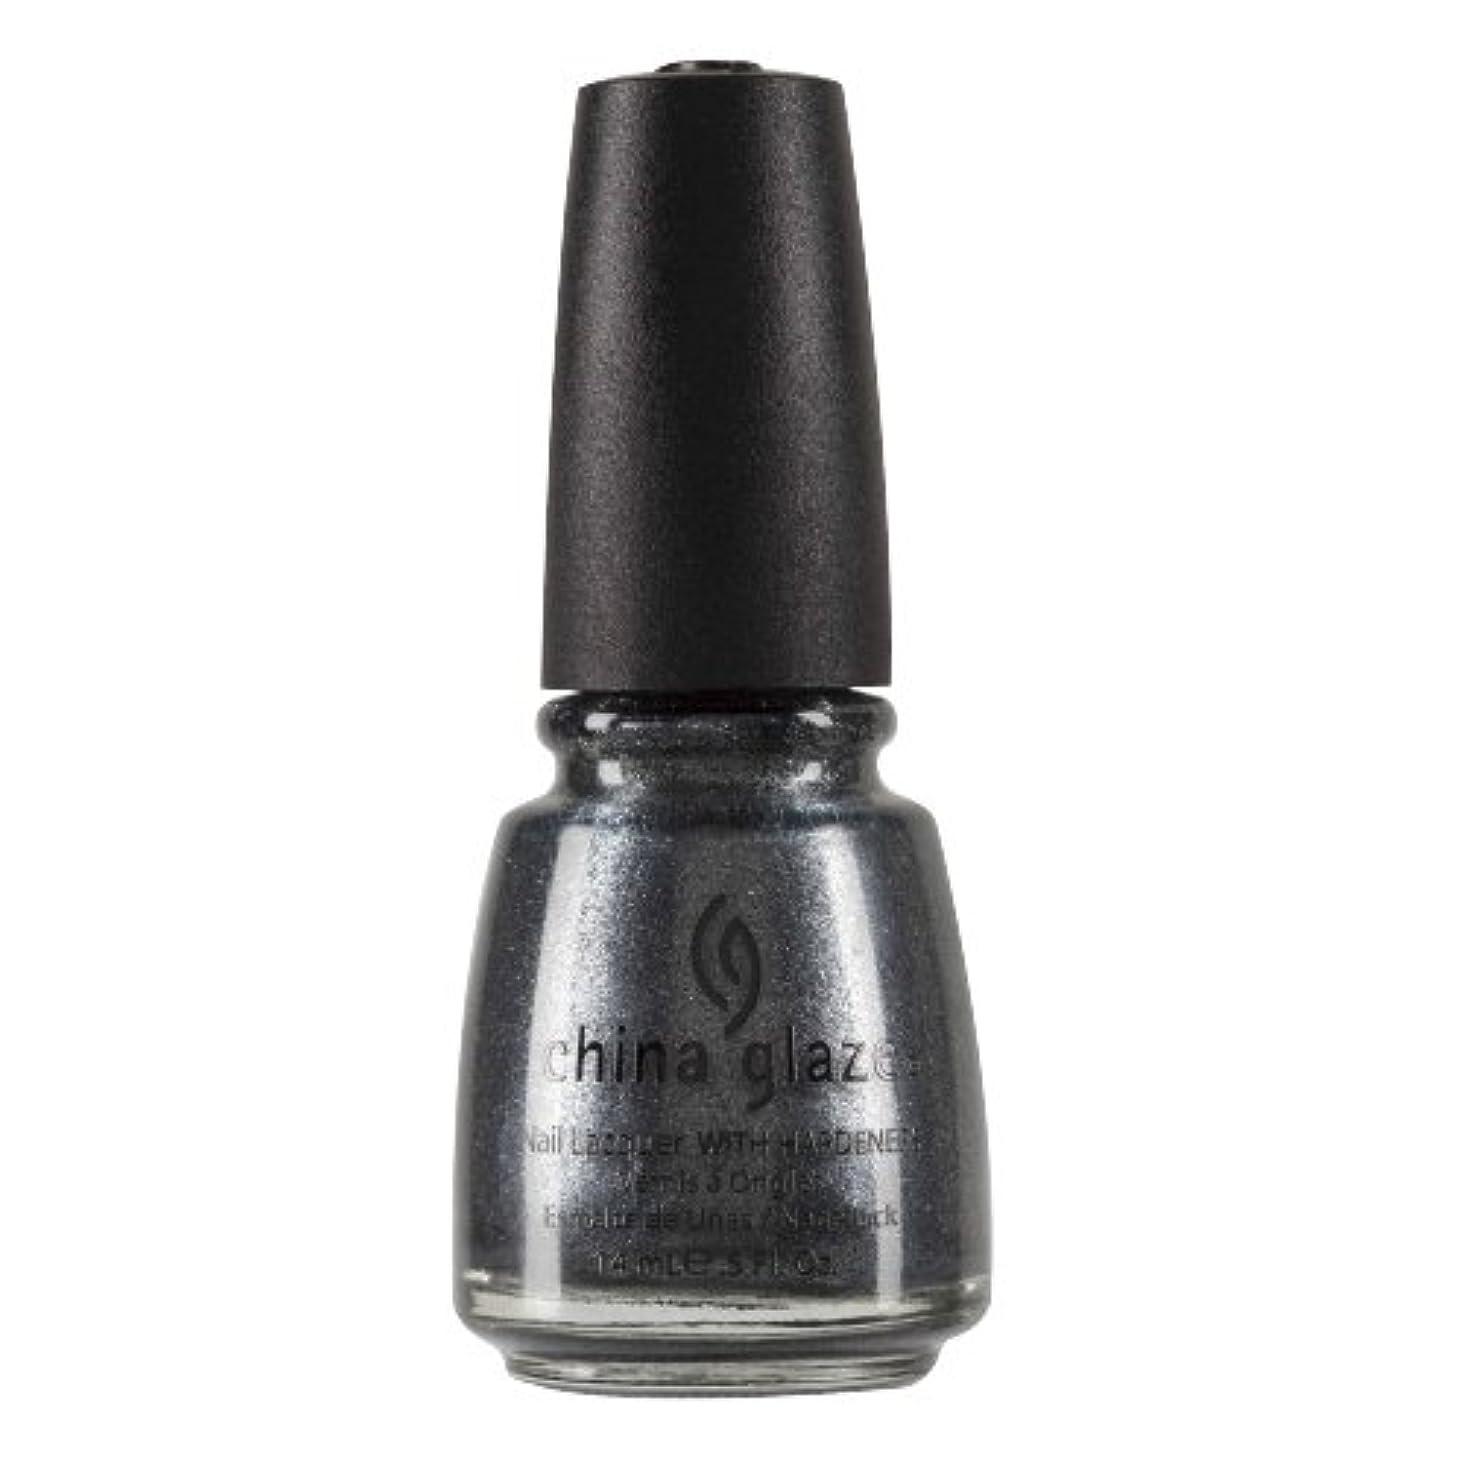 小さいリングレットテレマコスCHINA GLAZE Nail Lacquer with Nail Hardner 2 - Jitterbug (並行輸入品)